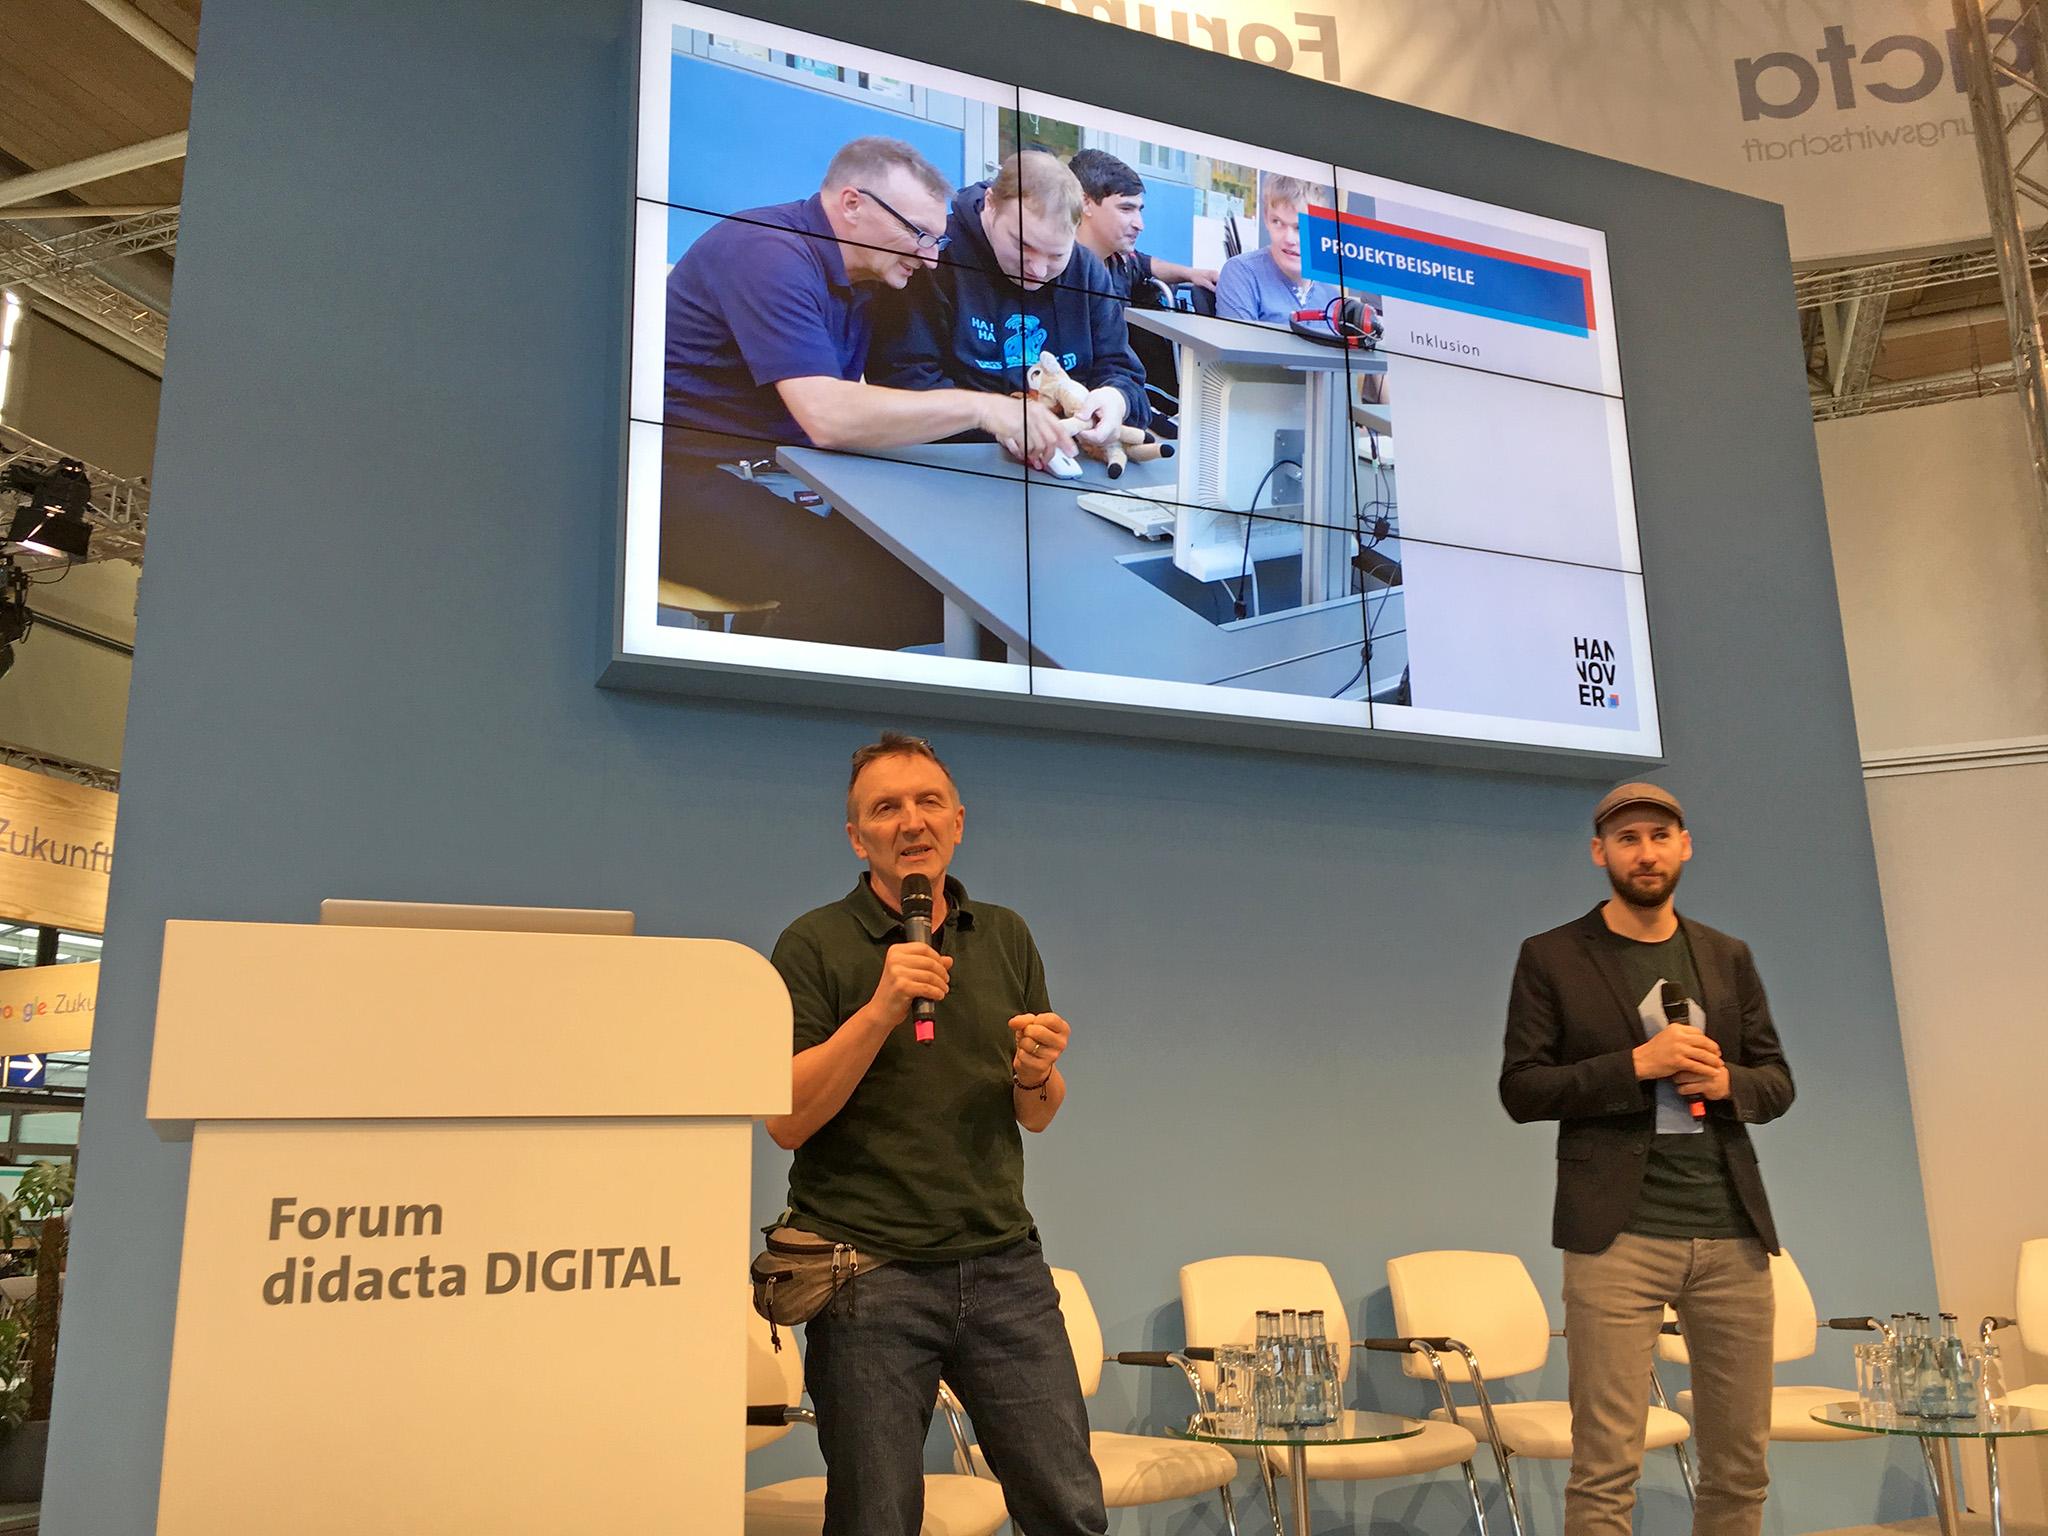 Zwei Männer mit Mikrofonen stehen auf einer Bühne in einer Messehalle. Hinter ihnen läuft auf einem großen Bildschirm eine PowerPoint Präsentation zum Thema Digitale Inklusion - wie Menschen mit Einschränkungen neue Medien nutzen.